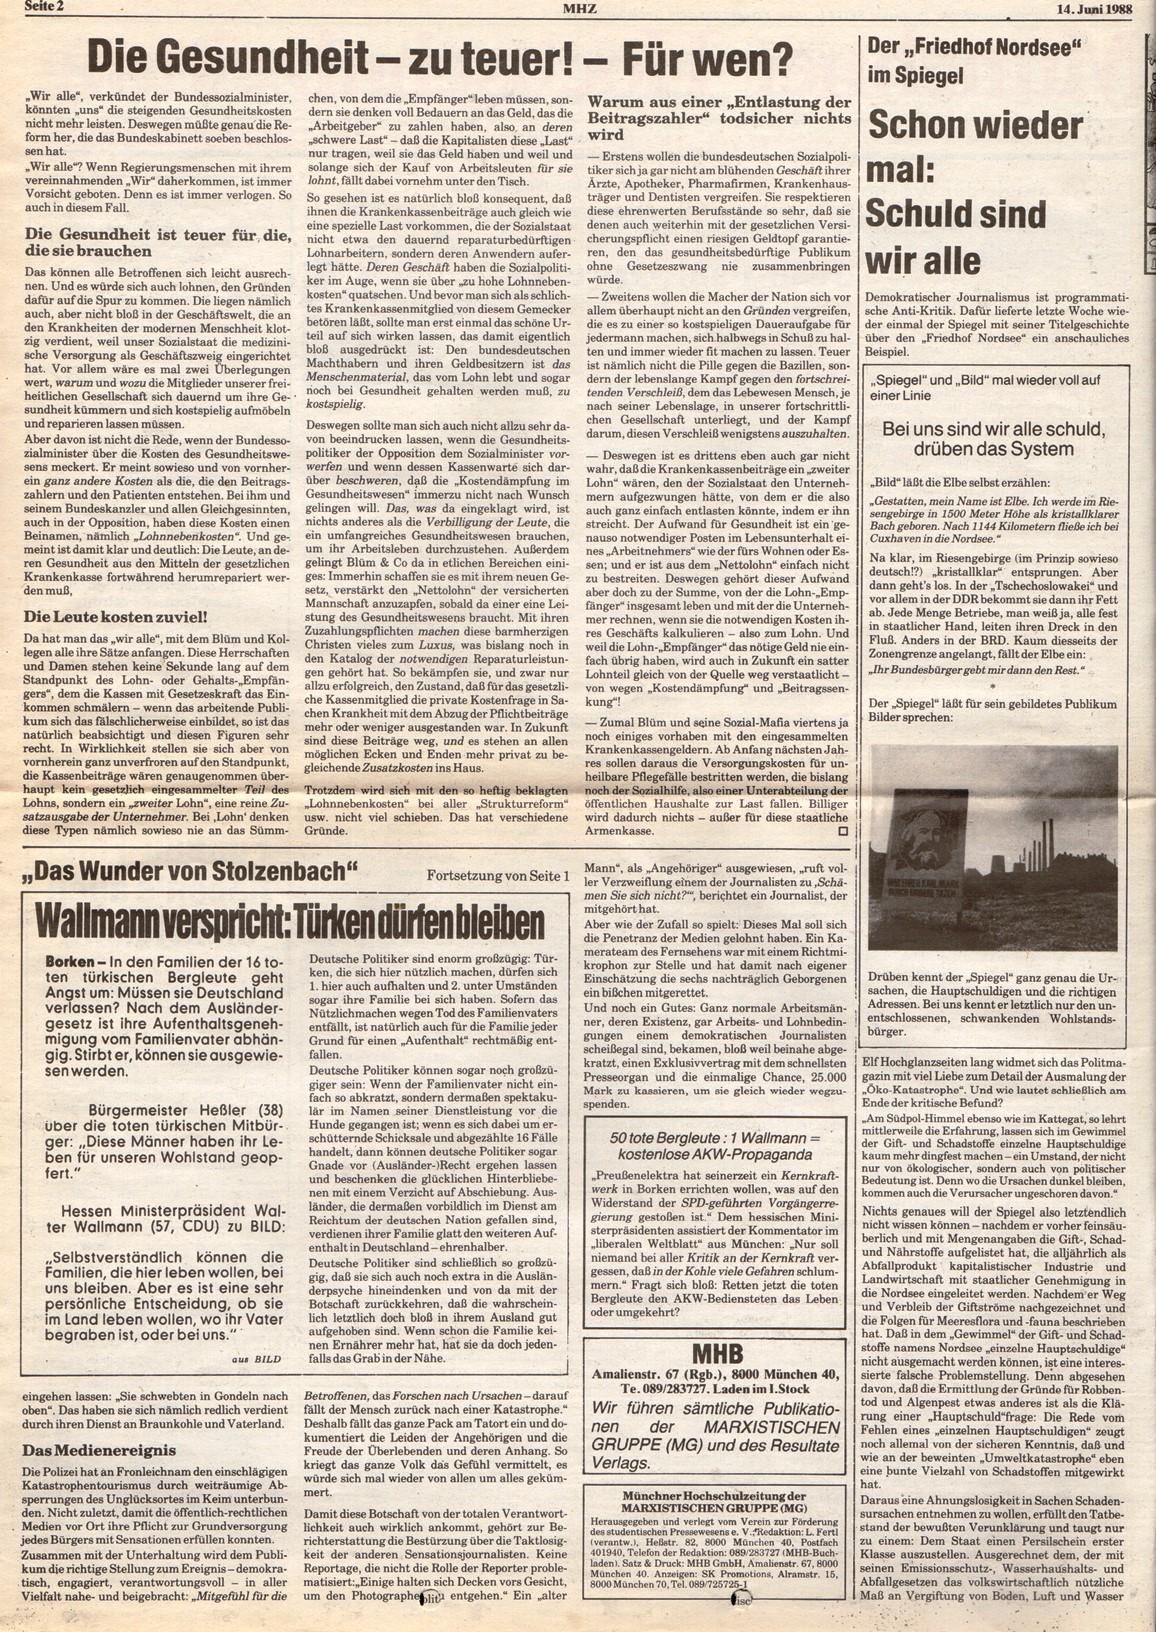 Muenchen_MG_Hochschulzeitung_19880614_02